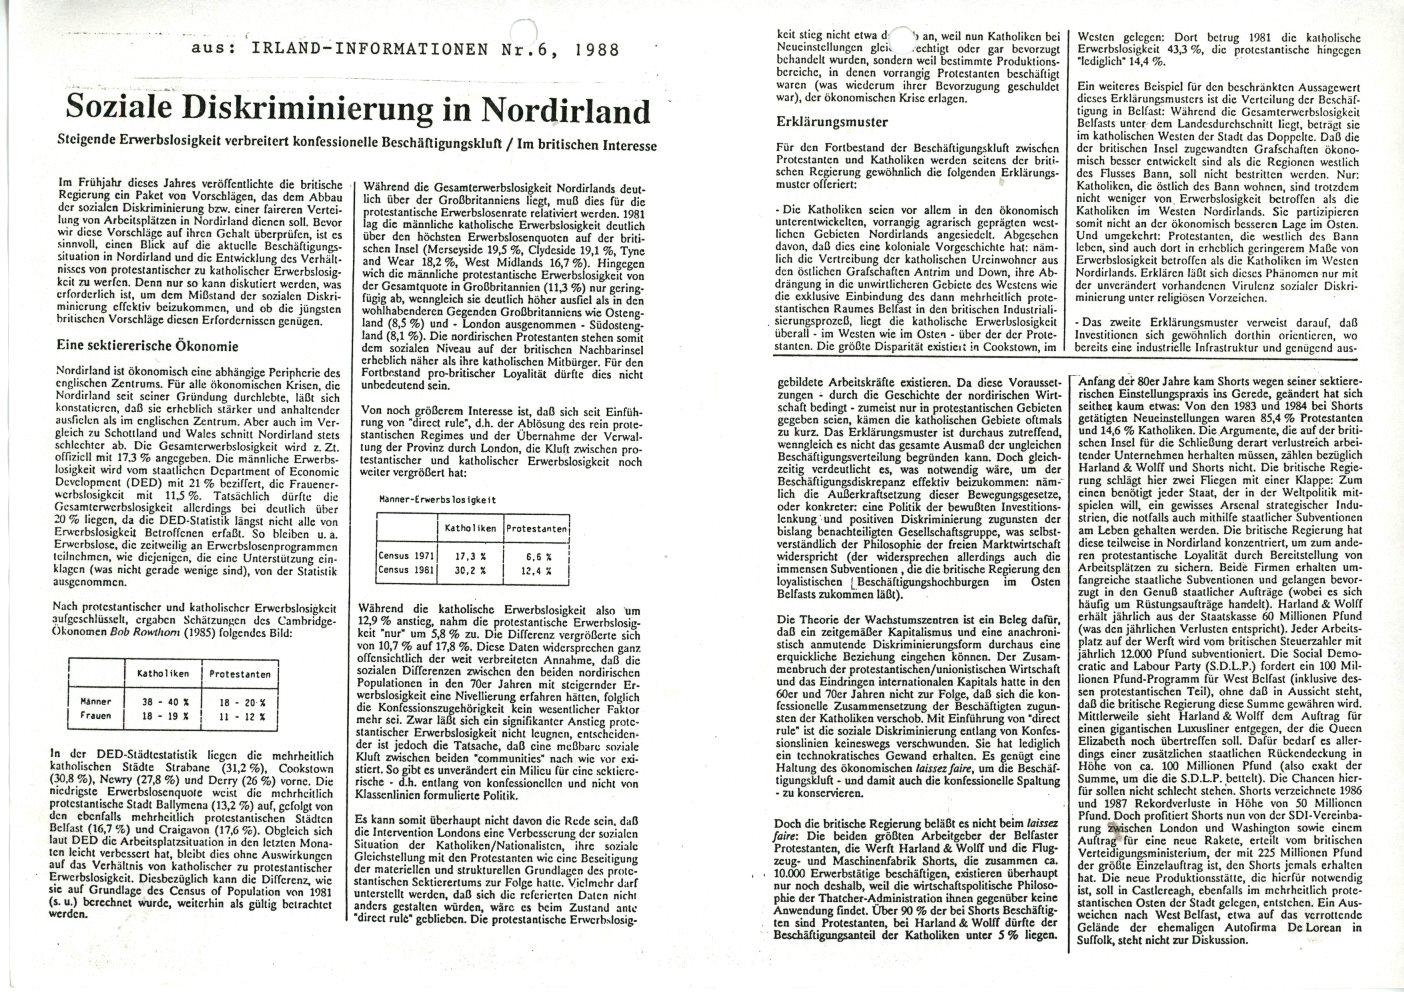 Freiburg_Nordirland_Reader_1988_12